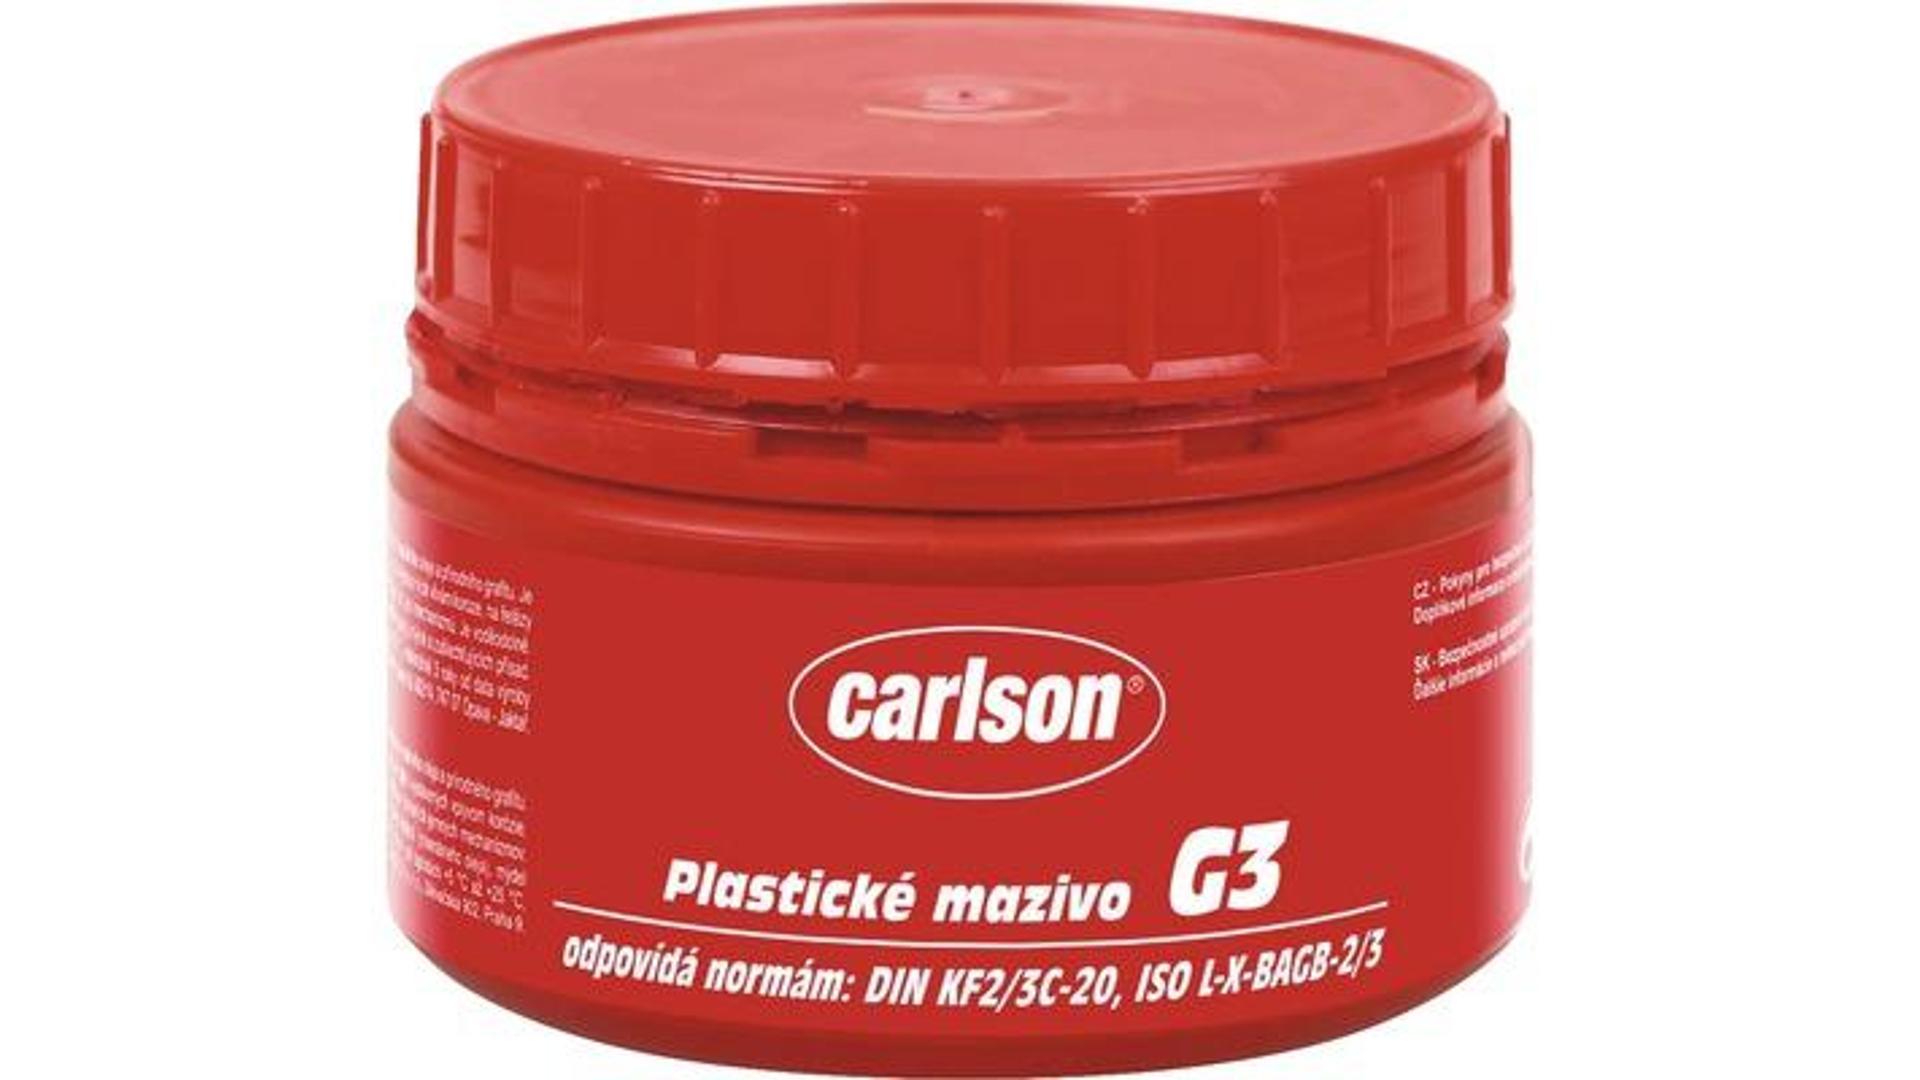 CARLSON plastické mazivo g3 - 250g